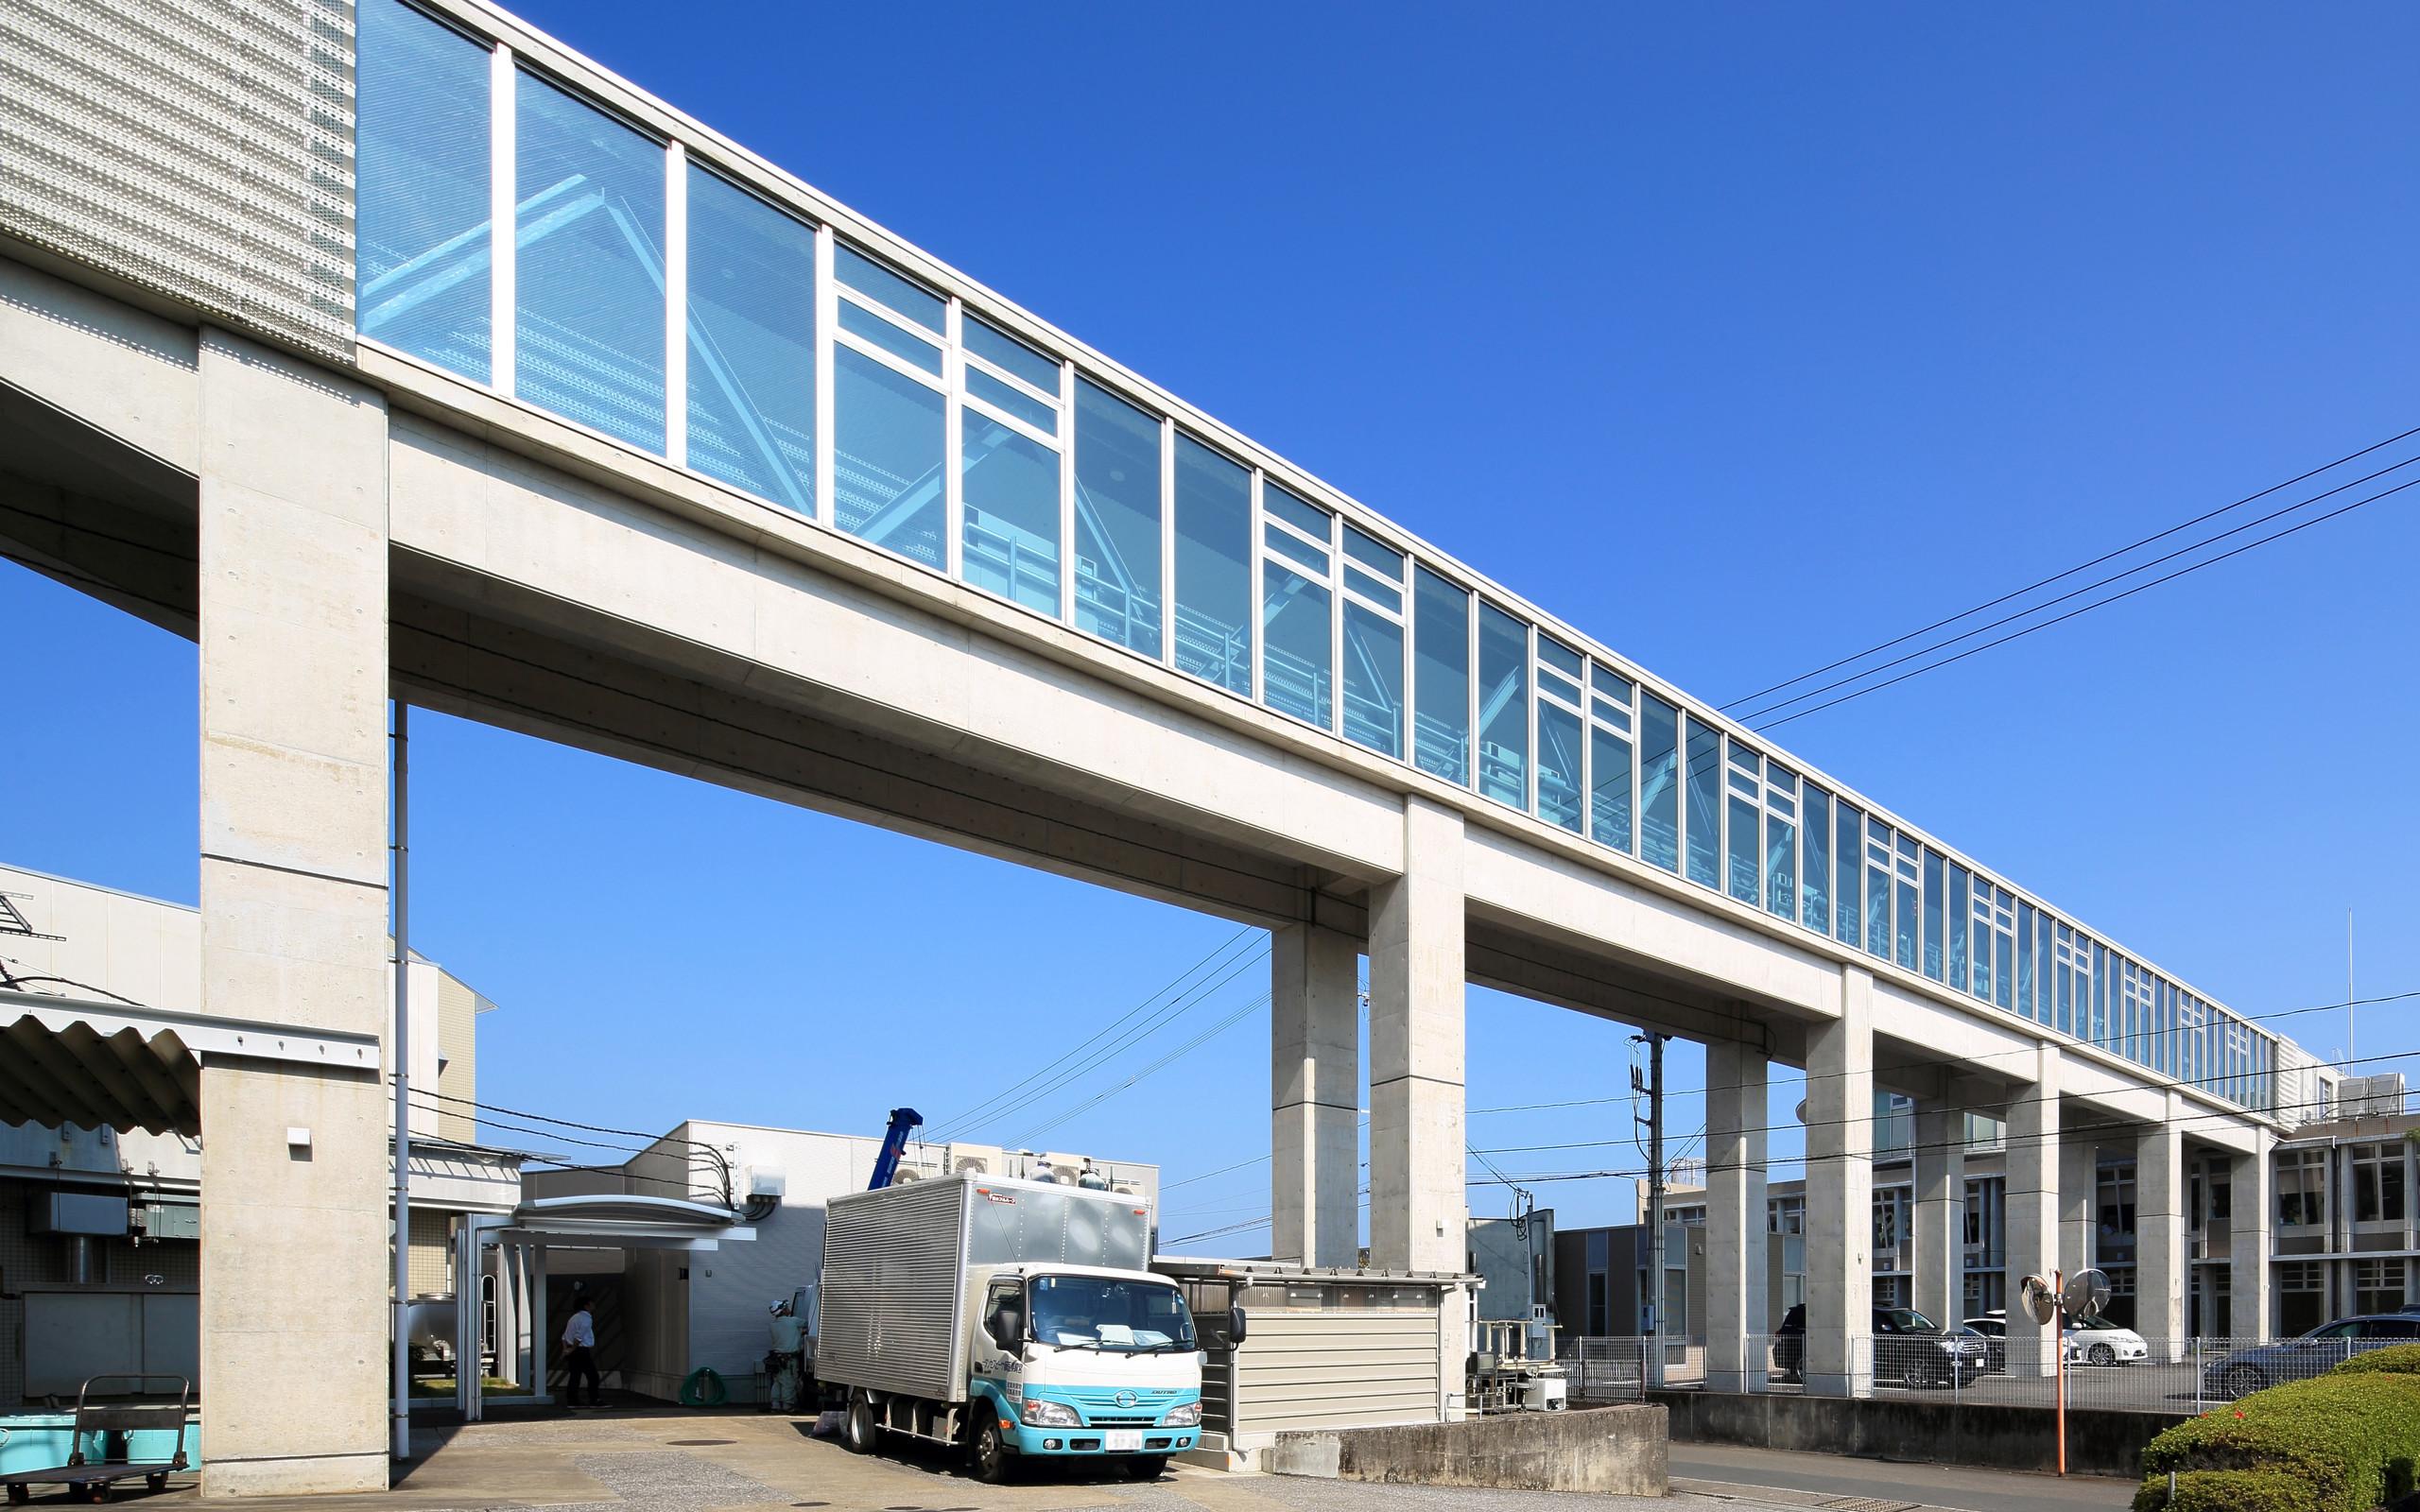 眺めのいい渡り廊下の建築事例写真